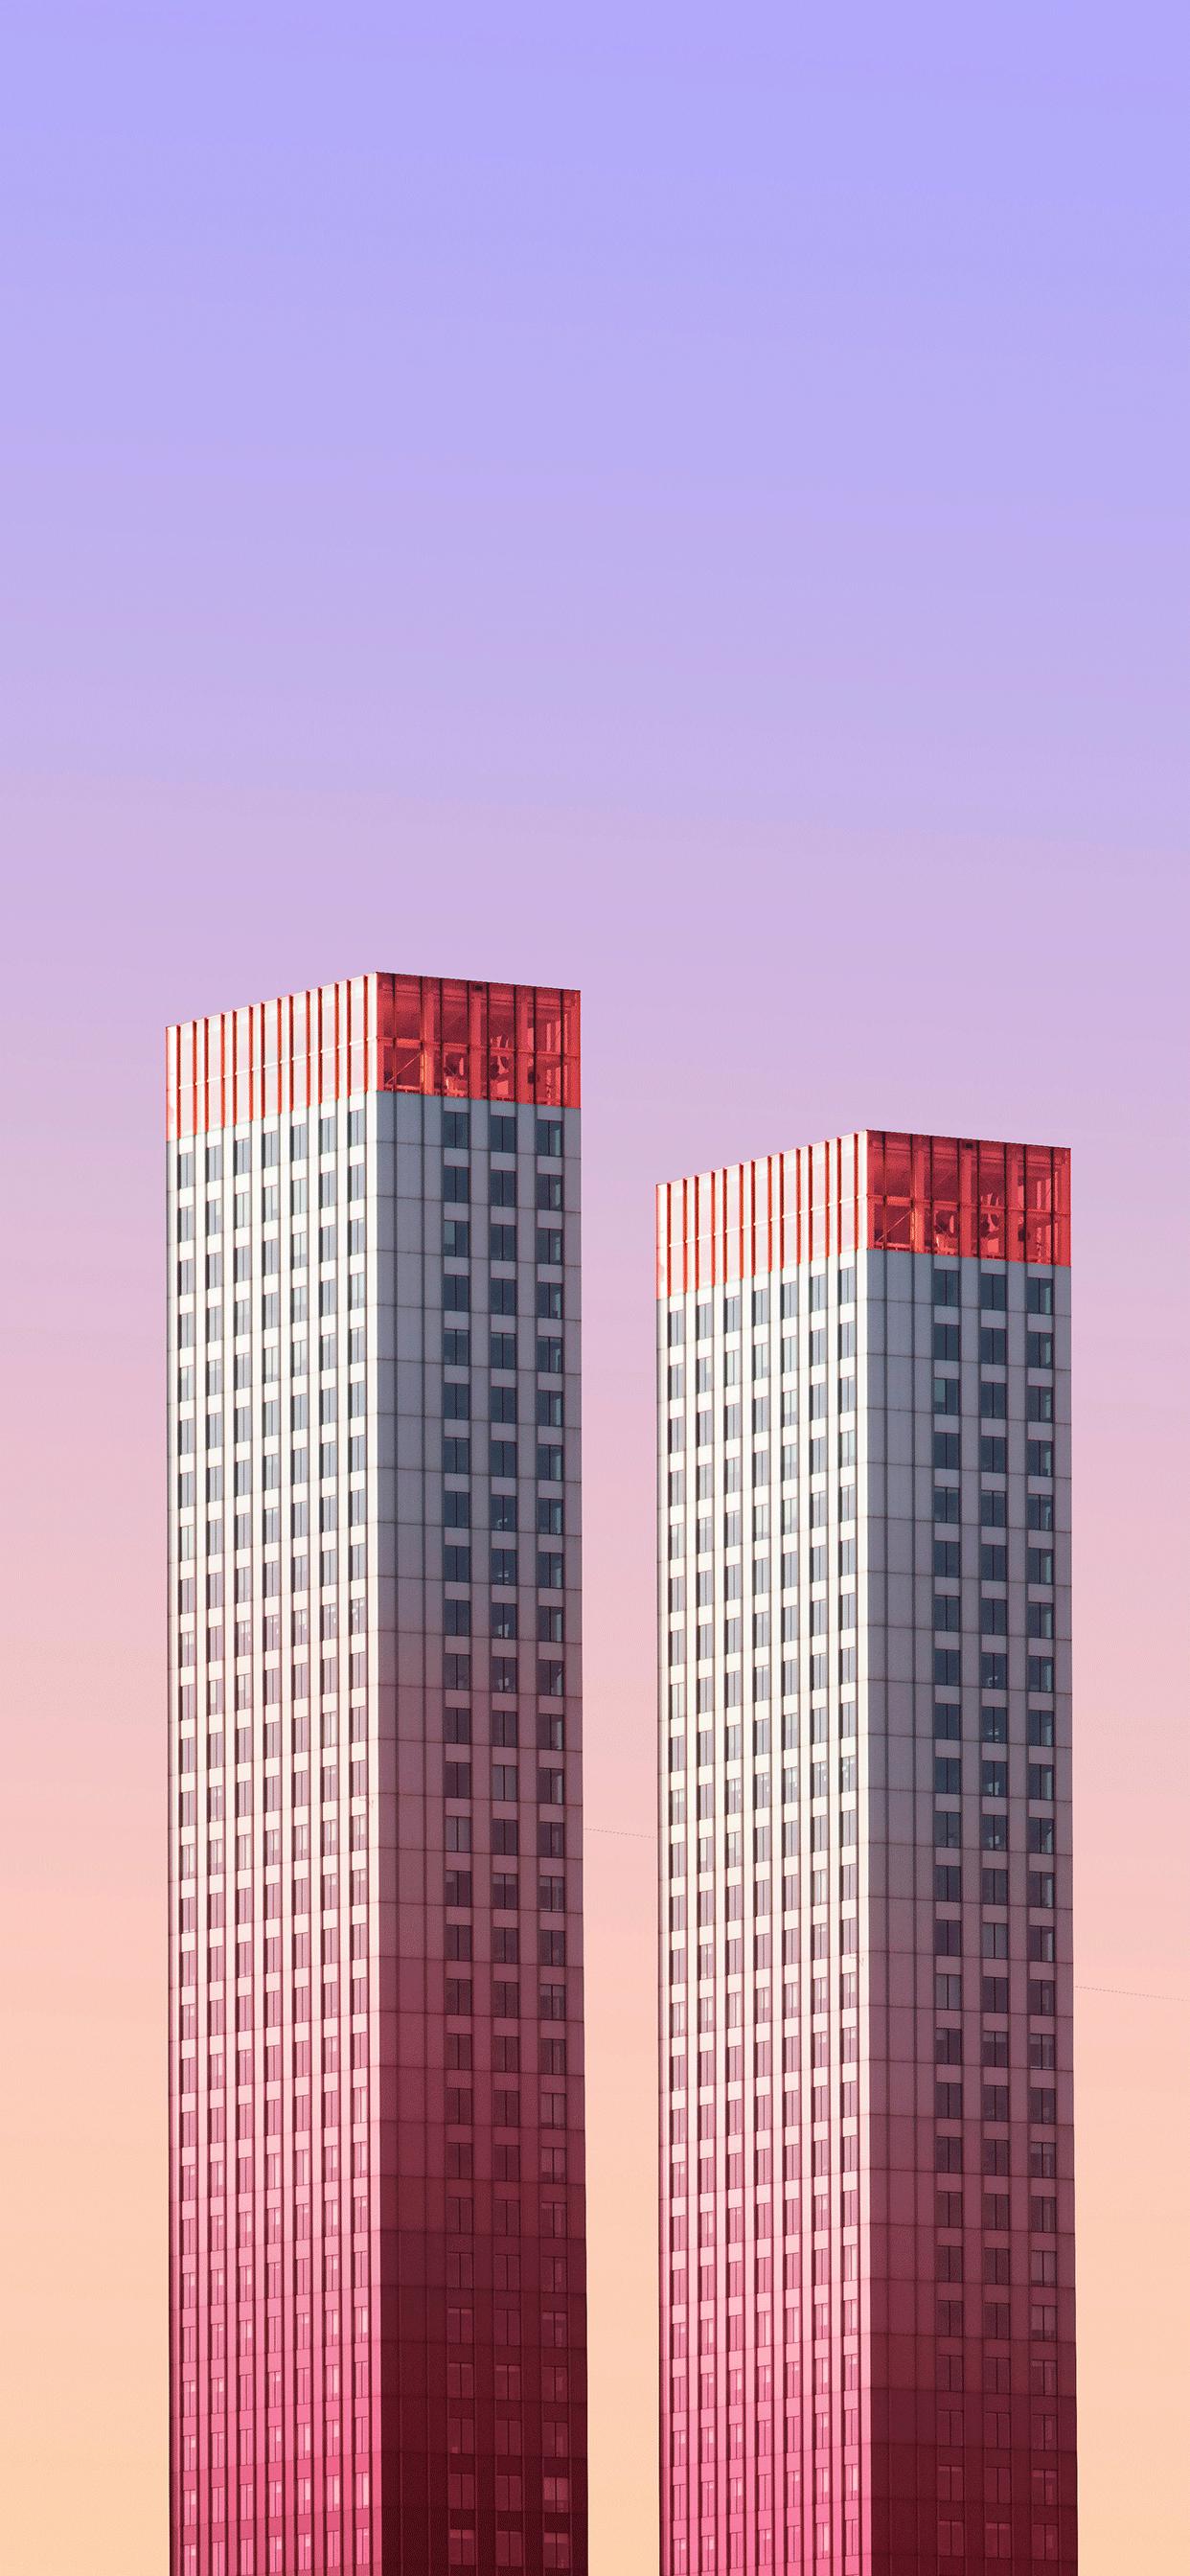 iPhone wallpaper architecture deloitte rotterdam Architecture